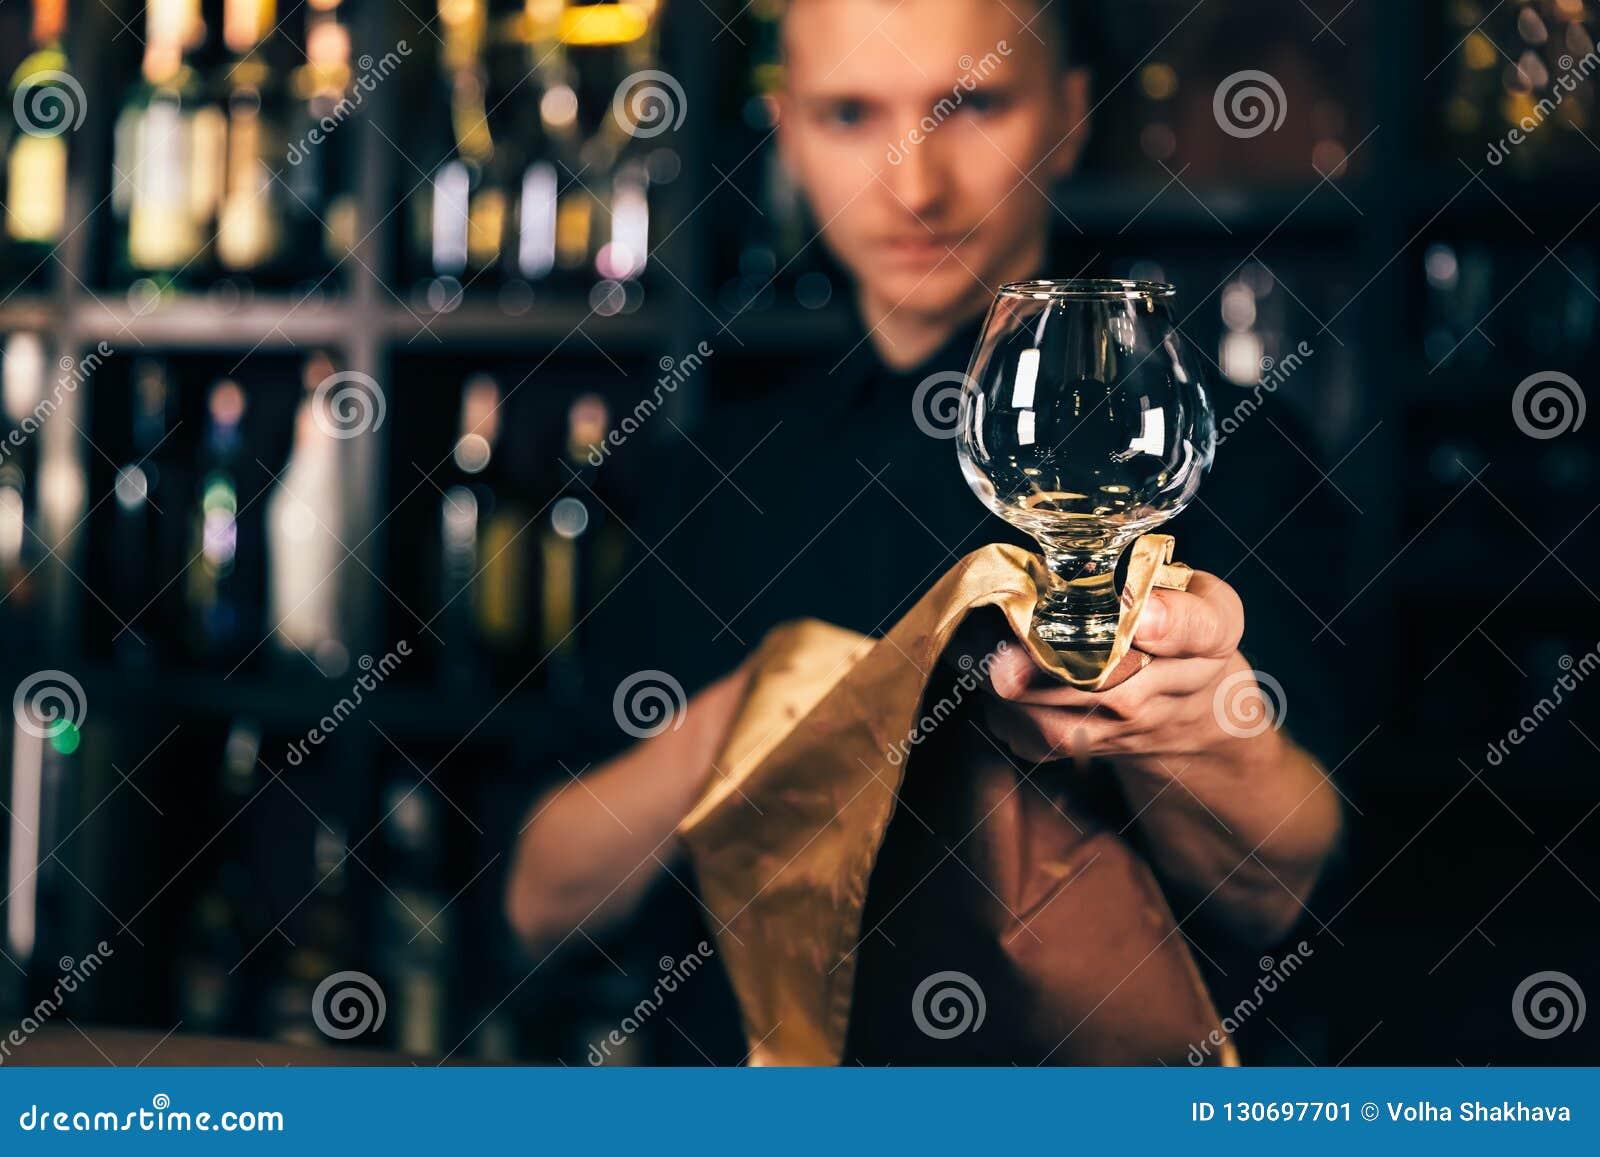 Barman czyści szkło z płótnem przy baru kontuaru tłem Barman czyści szkło na barze